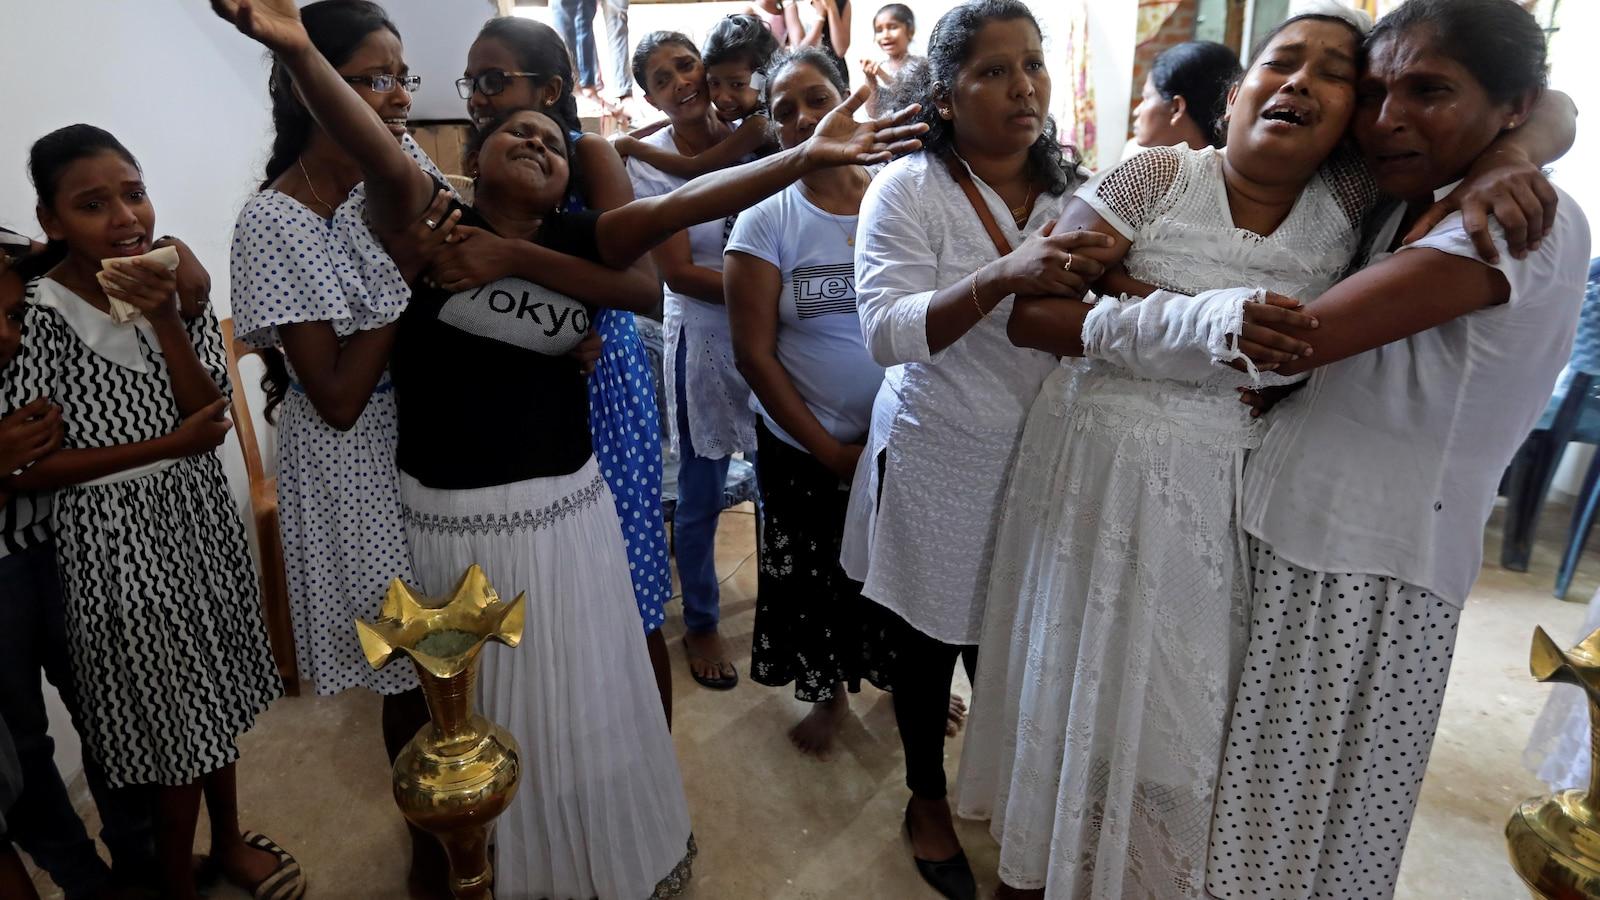 Des femmes habillées en blanc assistent aux funérailles. Plusieurs sont en pleurs.